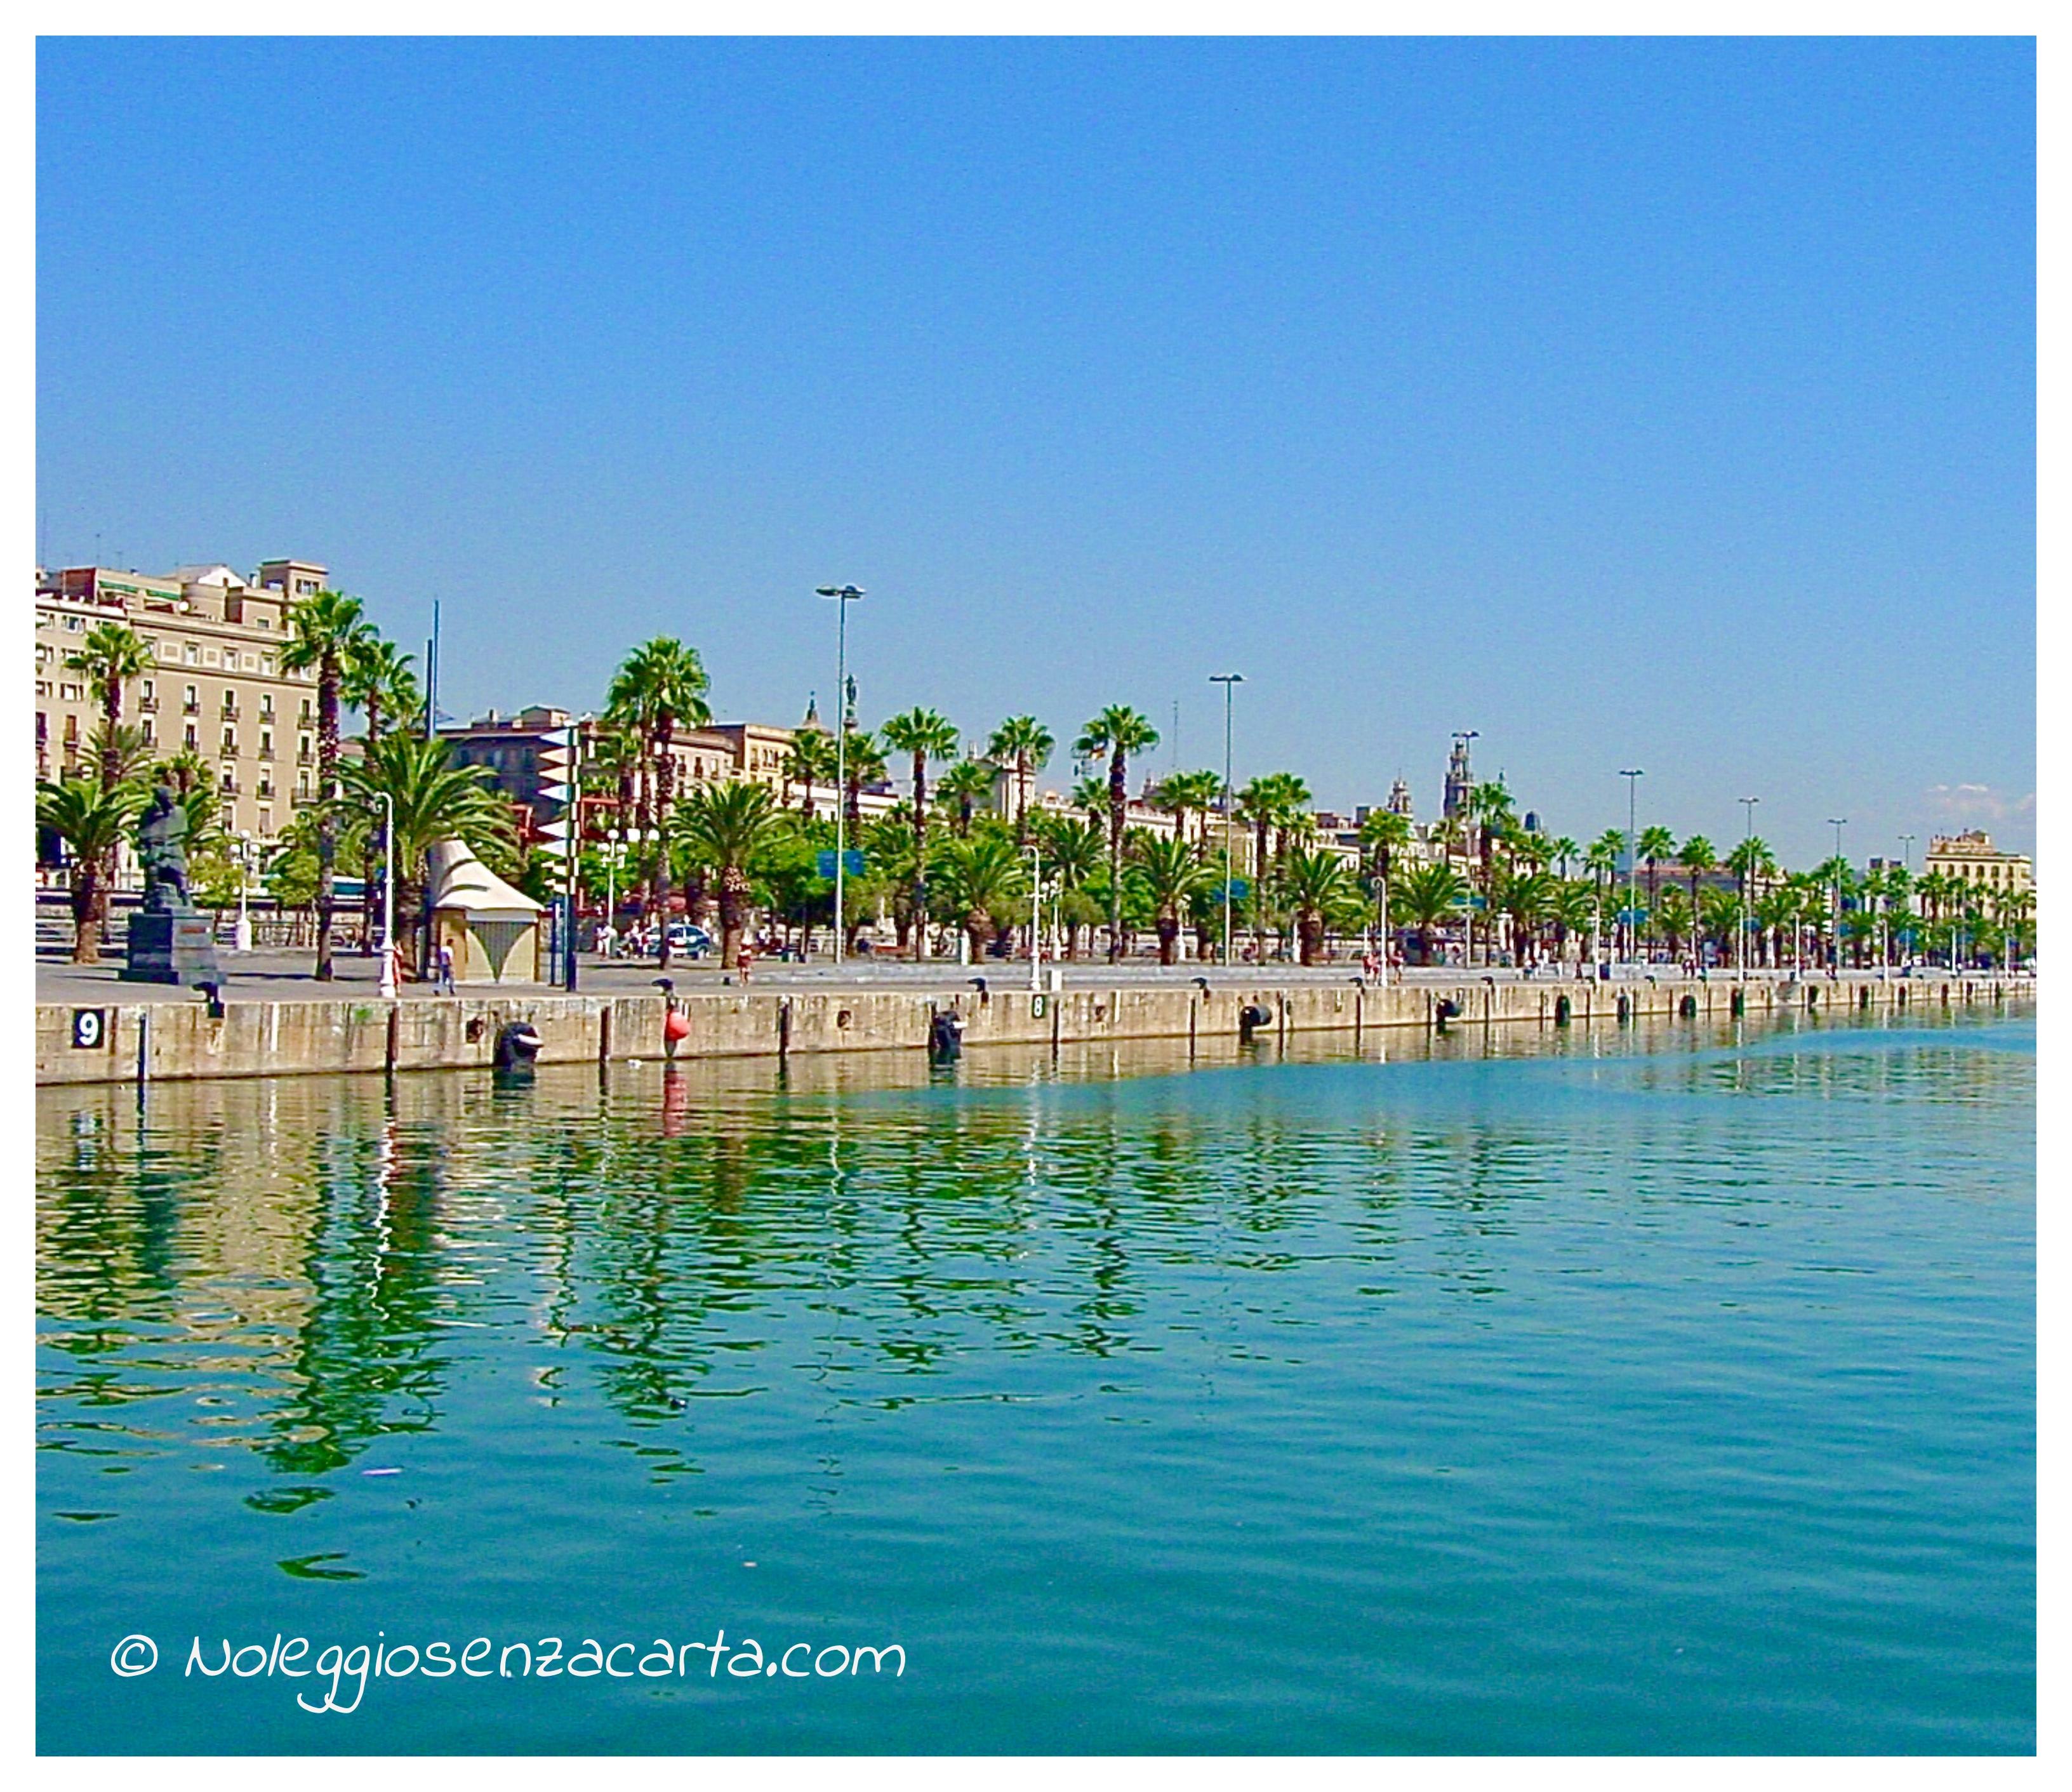 Noleggiare auto senza carta di credito a Barcellona e in Costa Brava (Lloret de Mar)